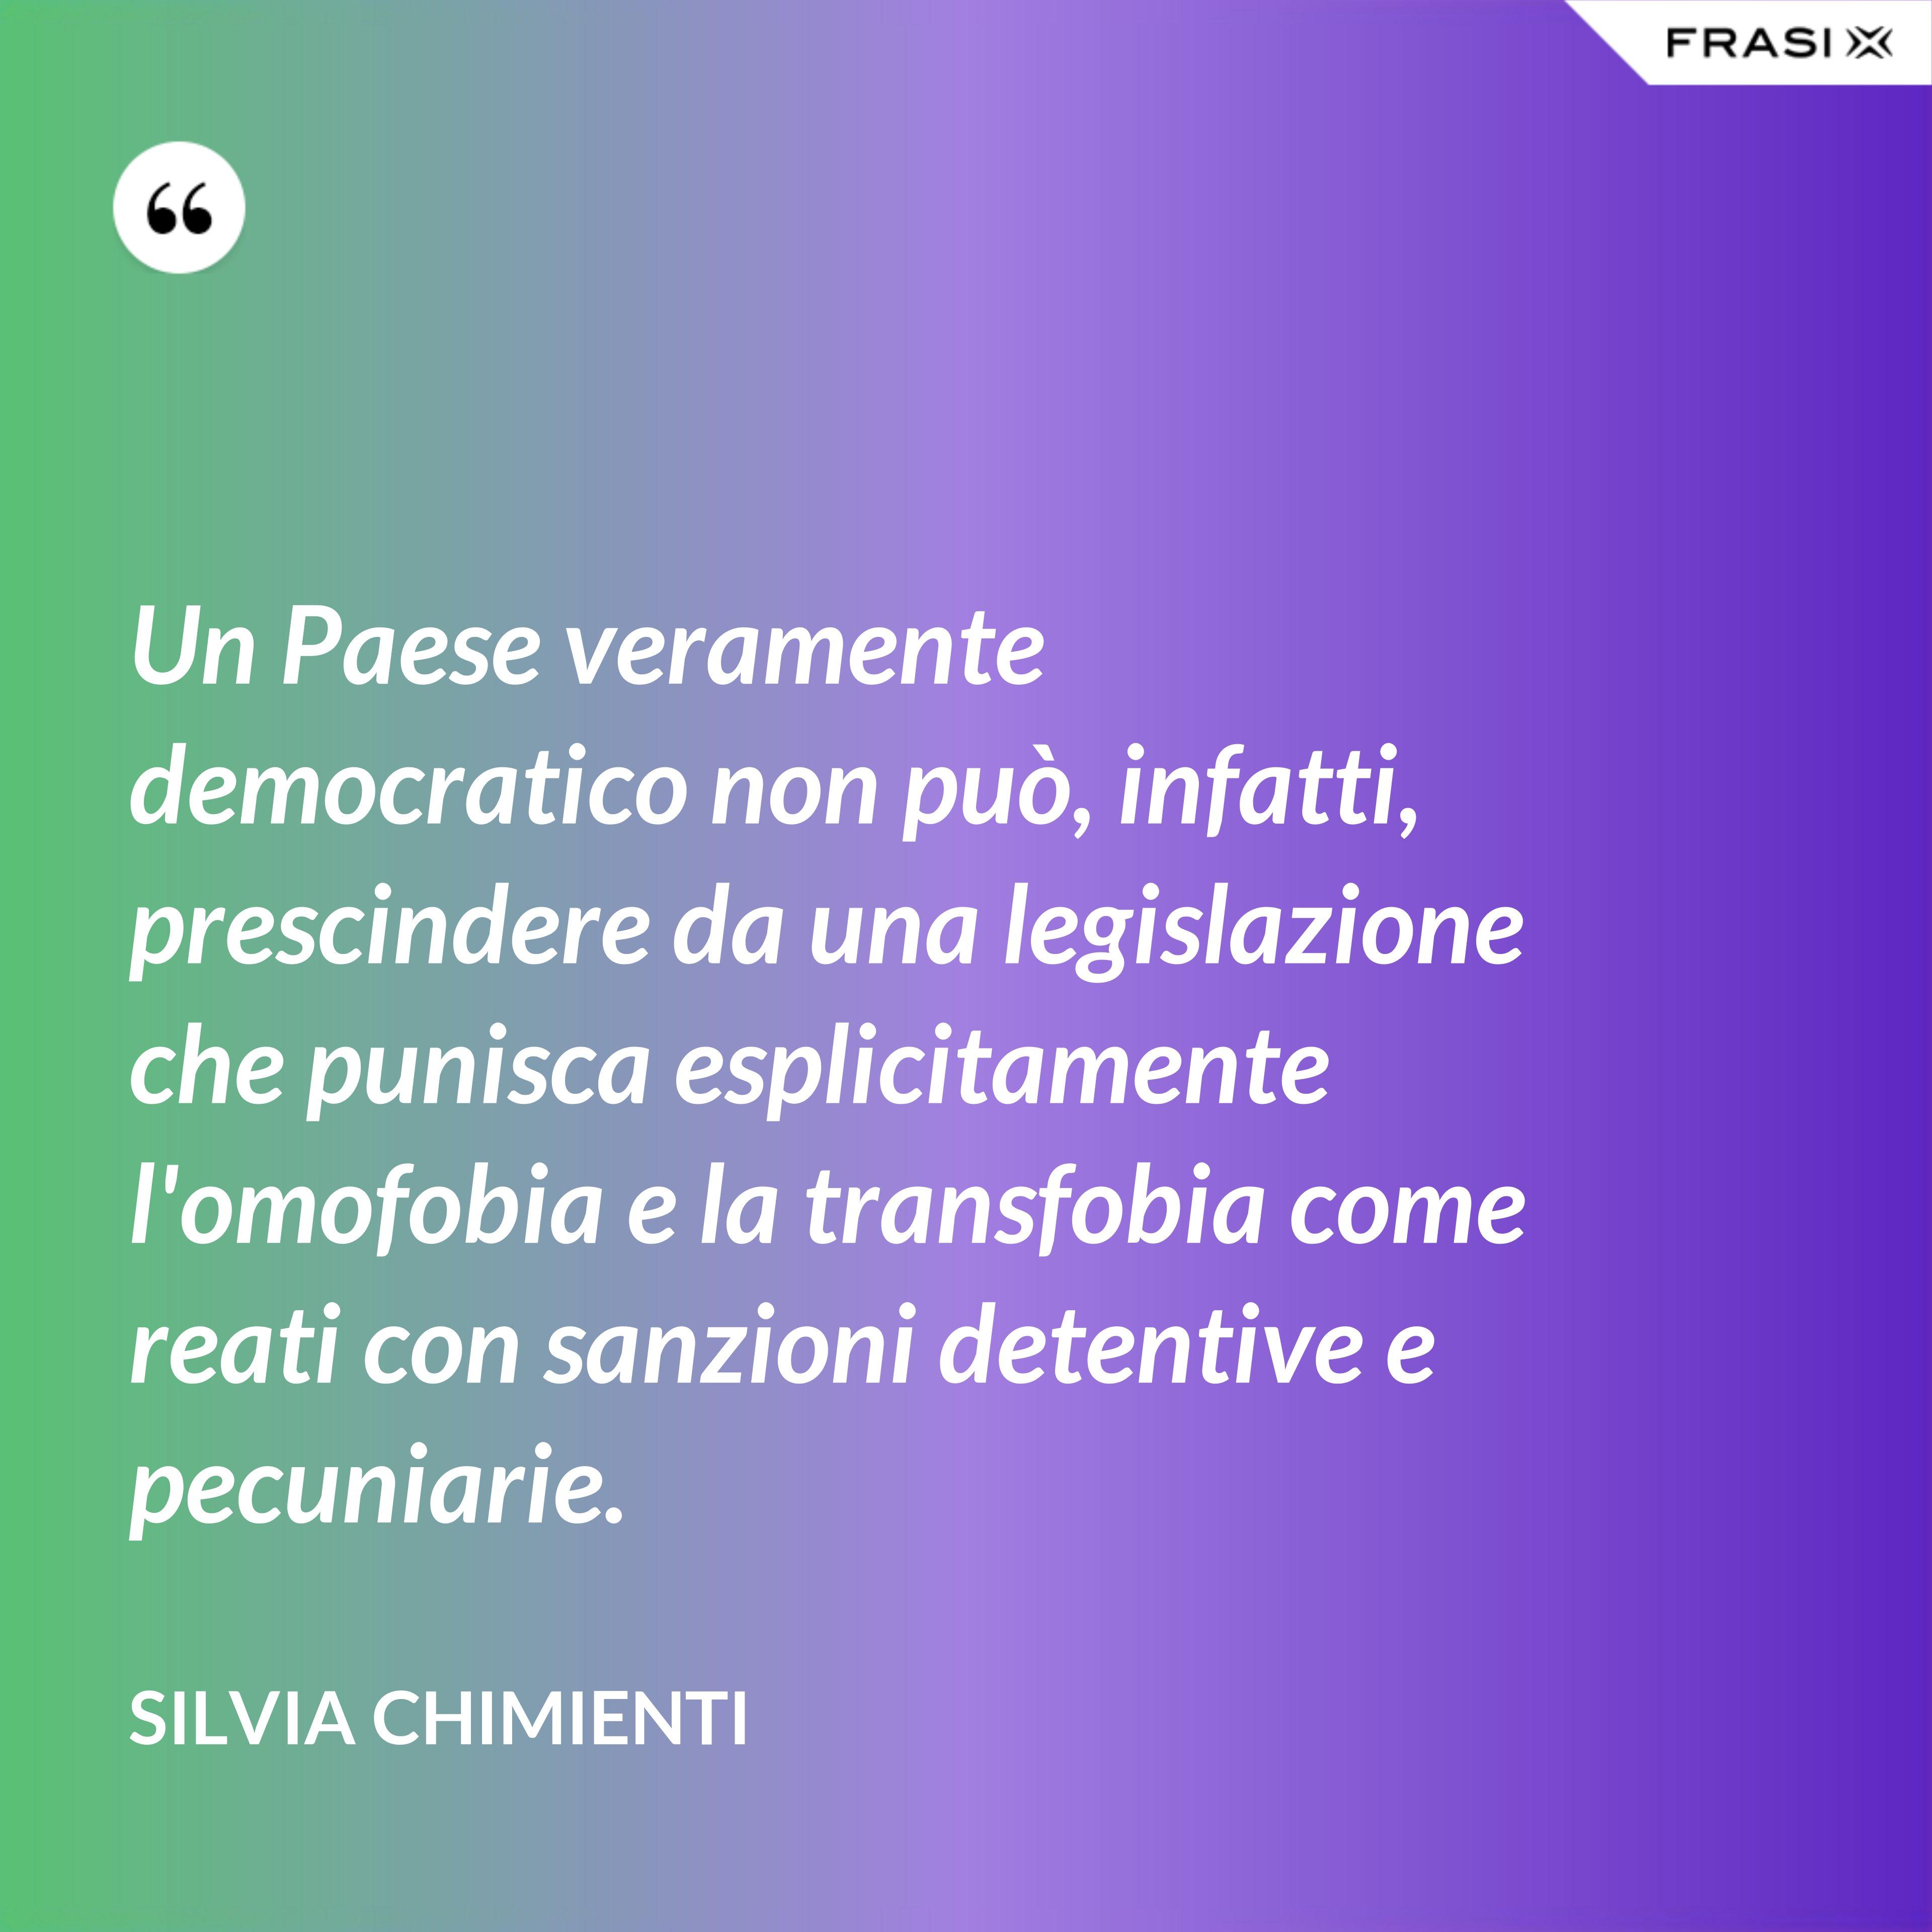 Un Paese veramente democratico non può, infatti, prescindere da una legislazione che punisca esplicitamente l'omofobia e la transfobia come reati con sanzioni detentive e pecuniarie. - Silvia Chimienti